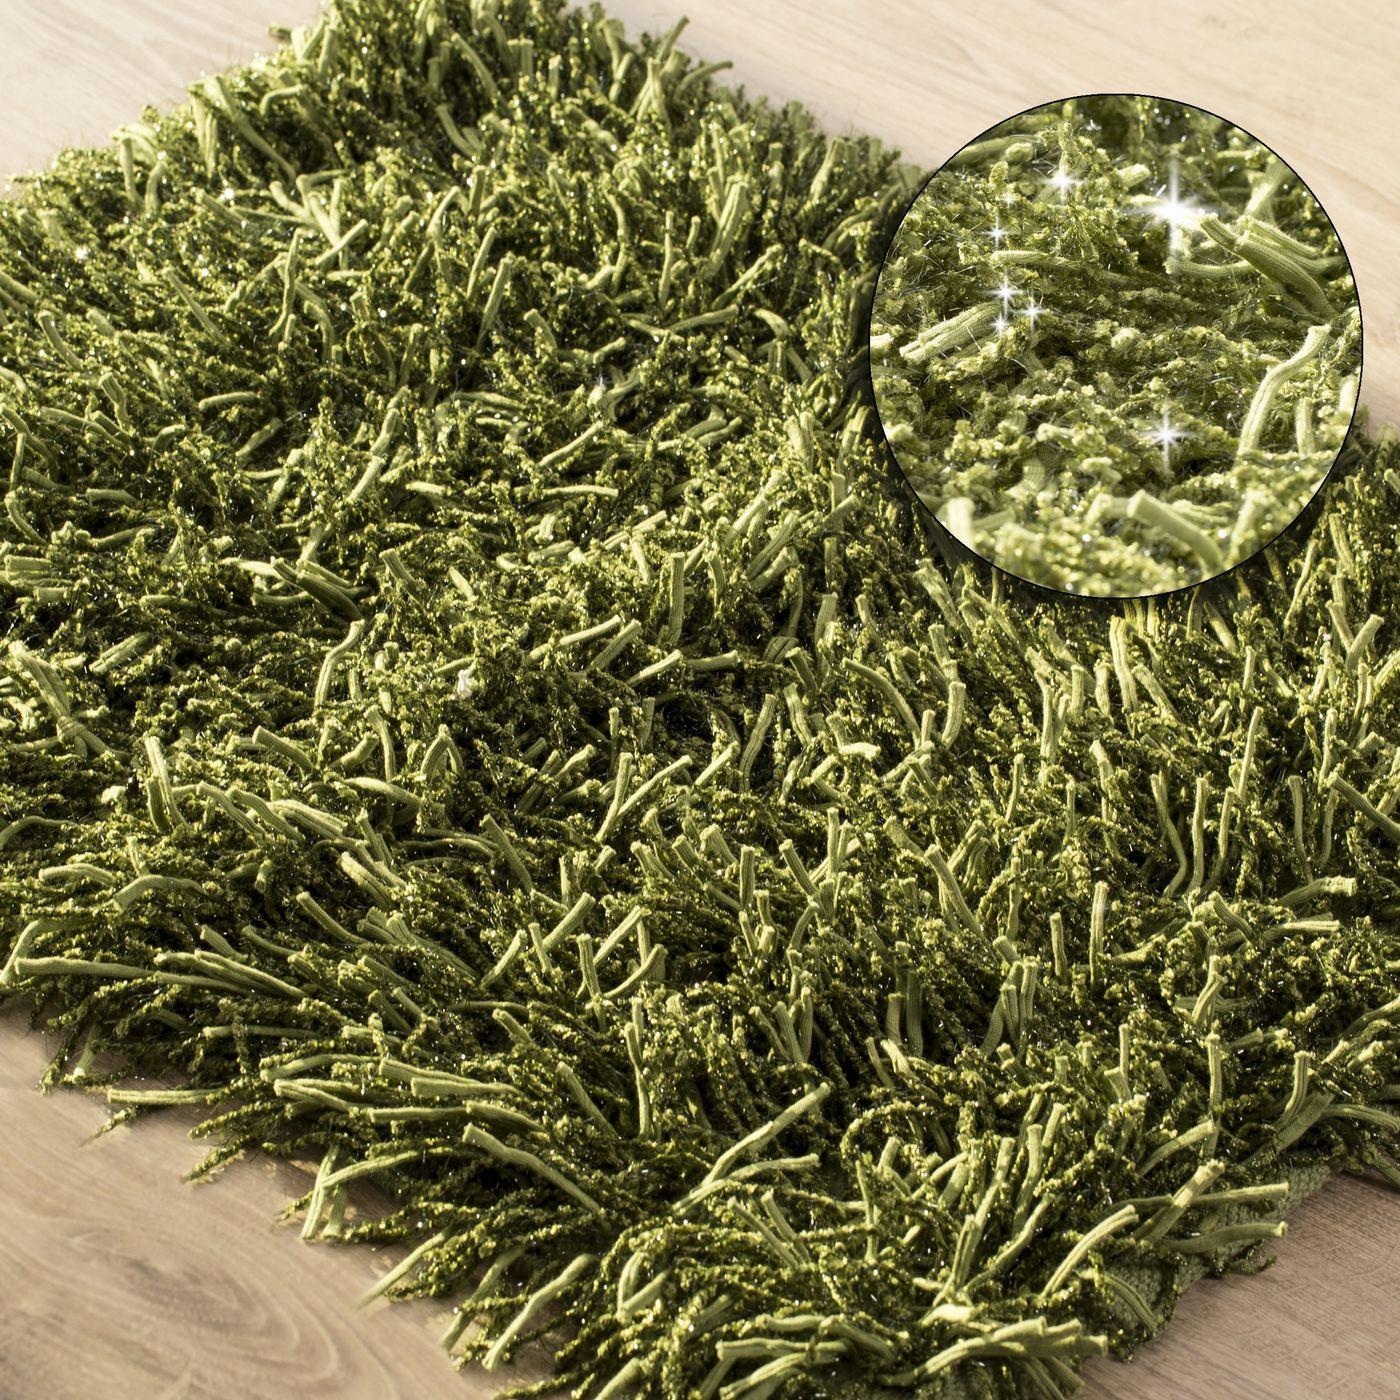 Dywanik z sznurkowym włosiem miękki zielony 50x70cm